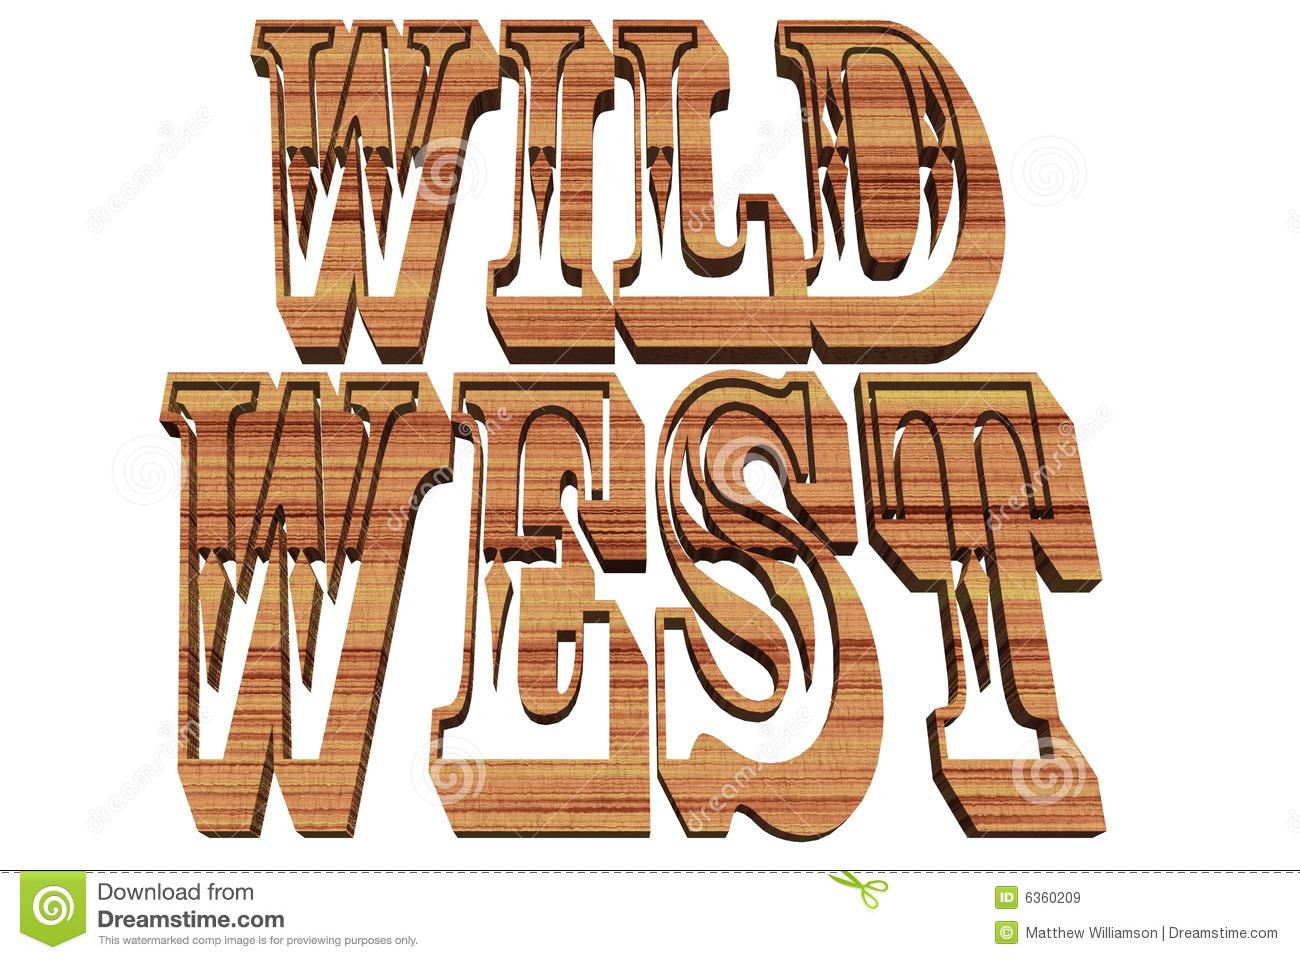 Wild West Clip Art Best Toddler Toys-Wild West Clip Art Best Toddler Toys-6